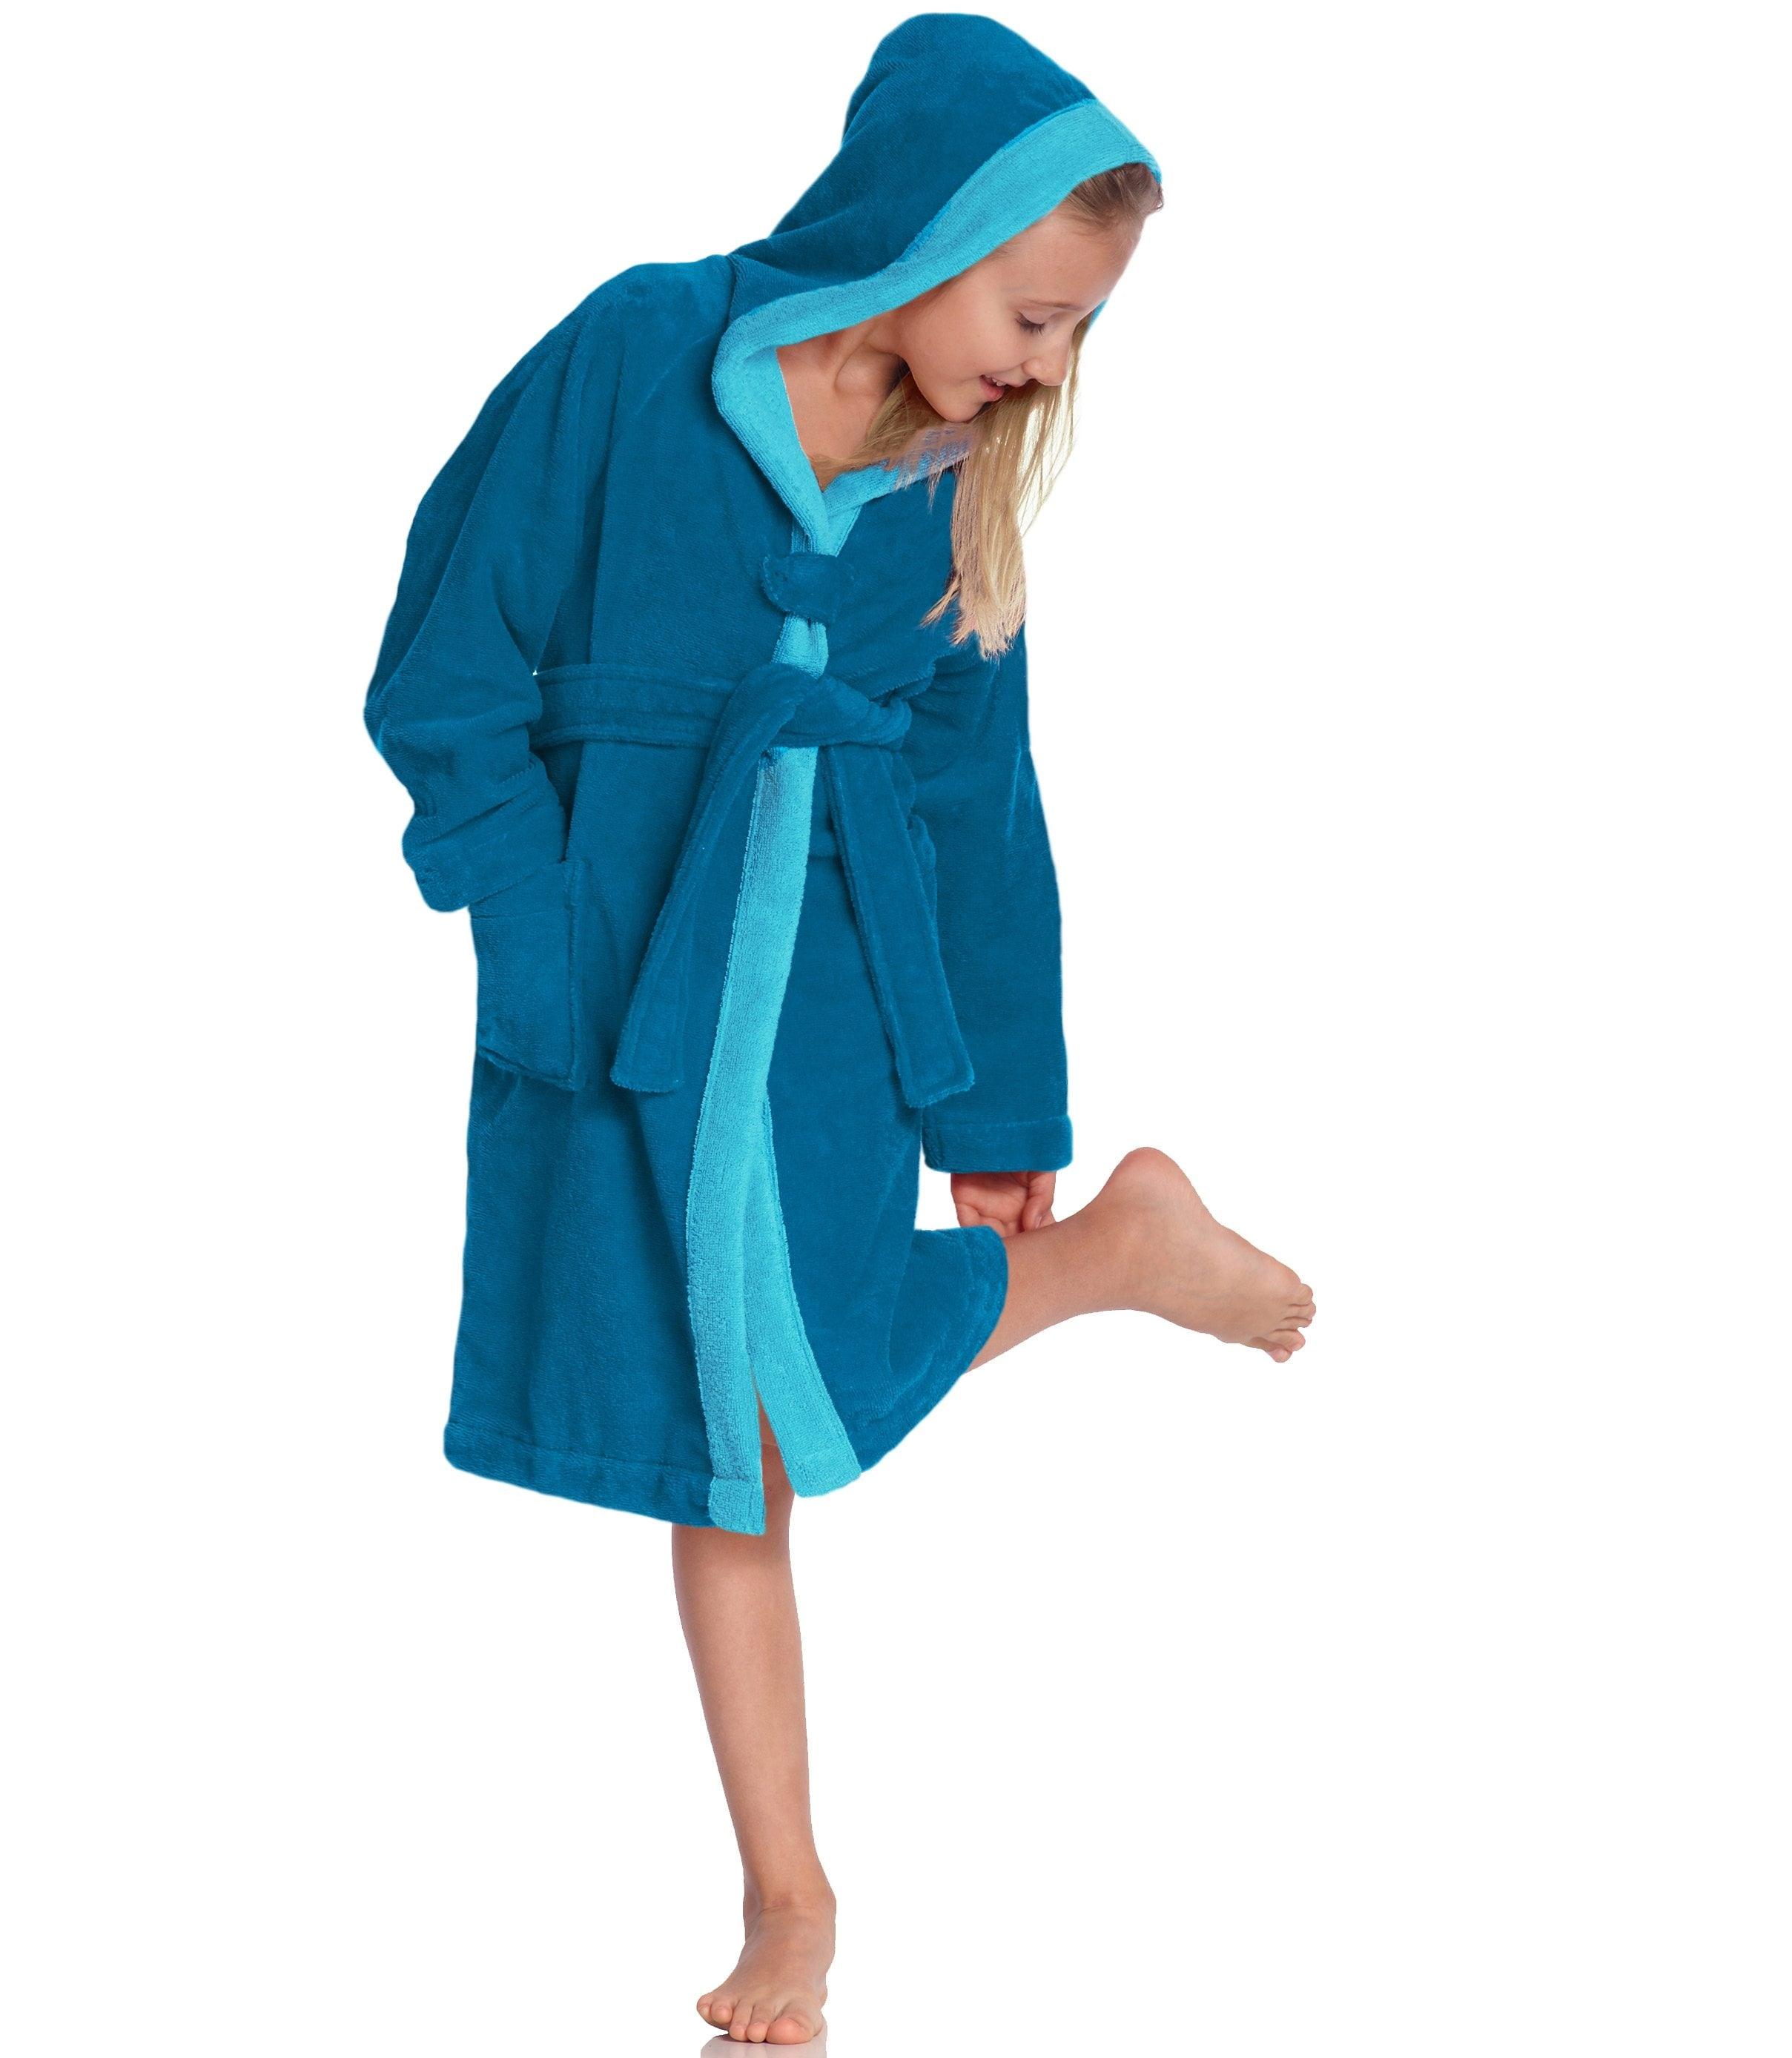 Kinderbademantel »Bixie«, Vossen | Bekleidung > Wäsche > Bademäntel | Blau | Velours | VOSSEN